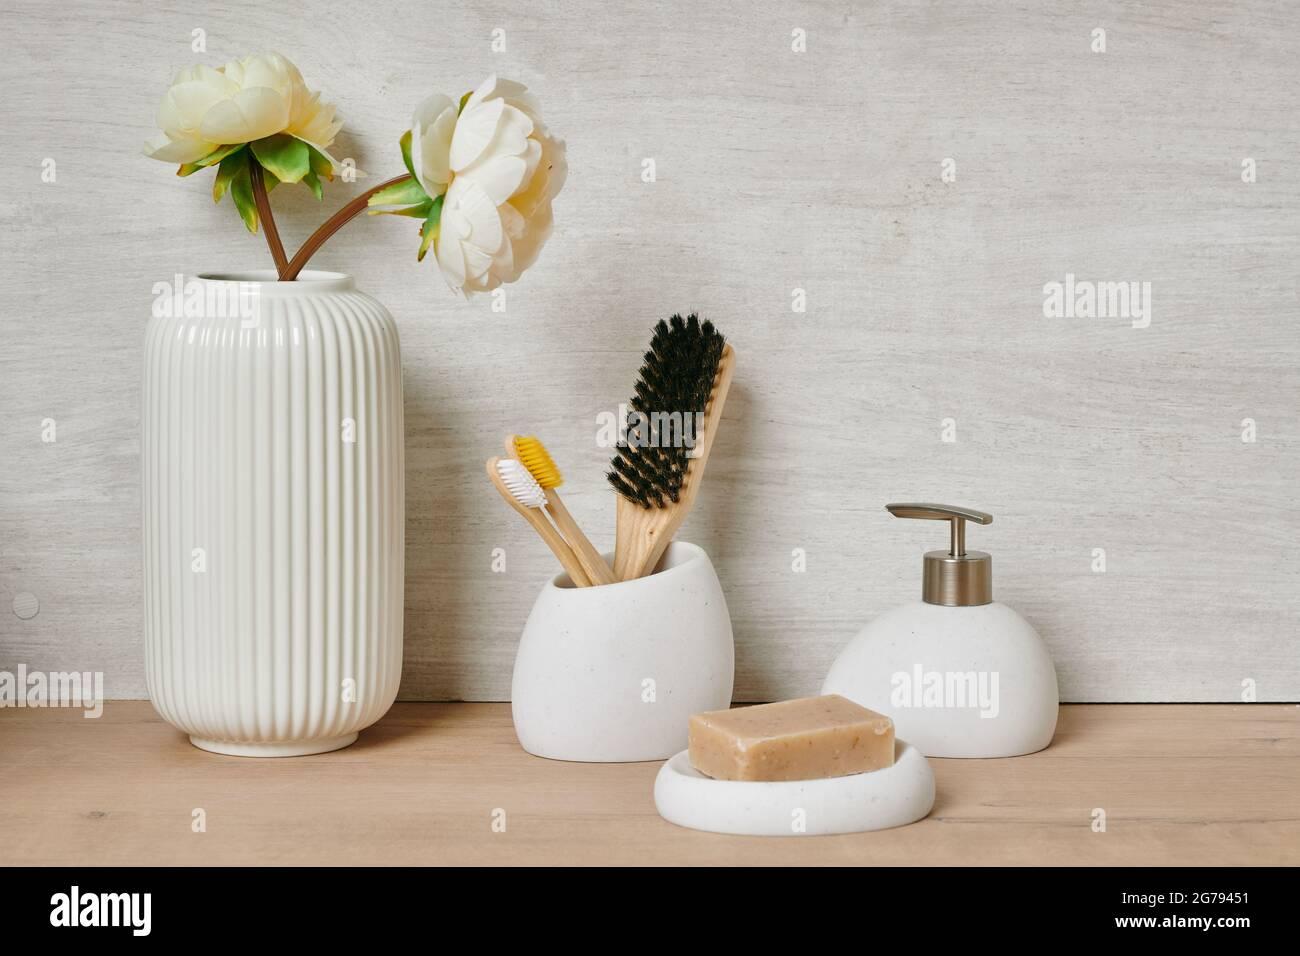 Gruppo di articoli per la cura del corpo contro la parete bianca in bagno Foto Stock